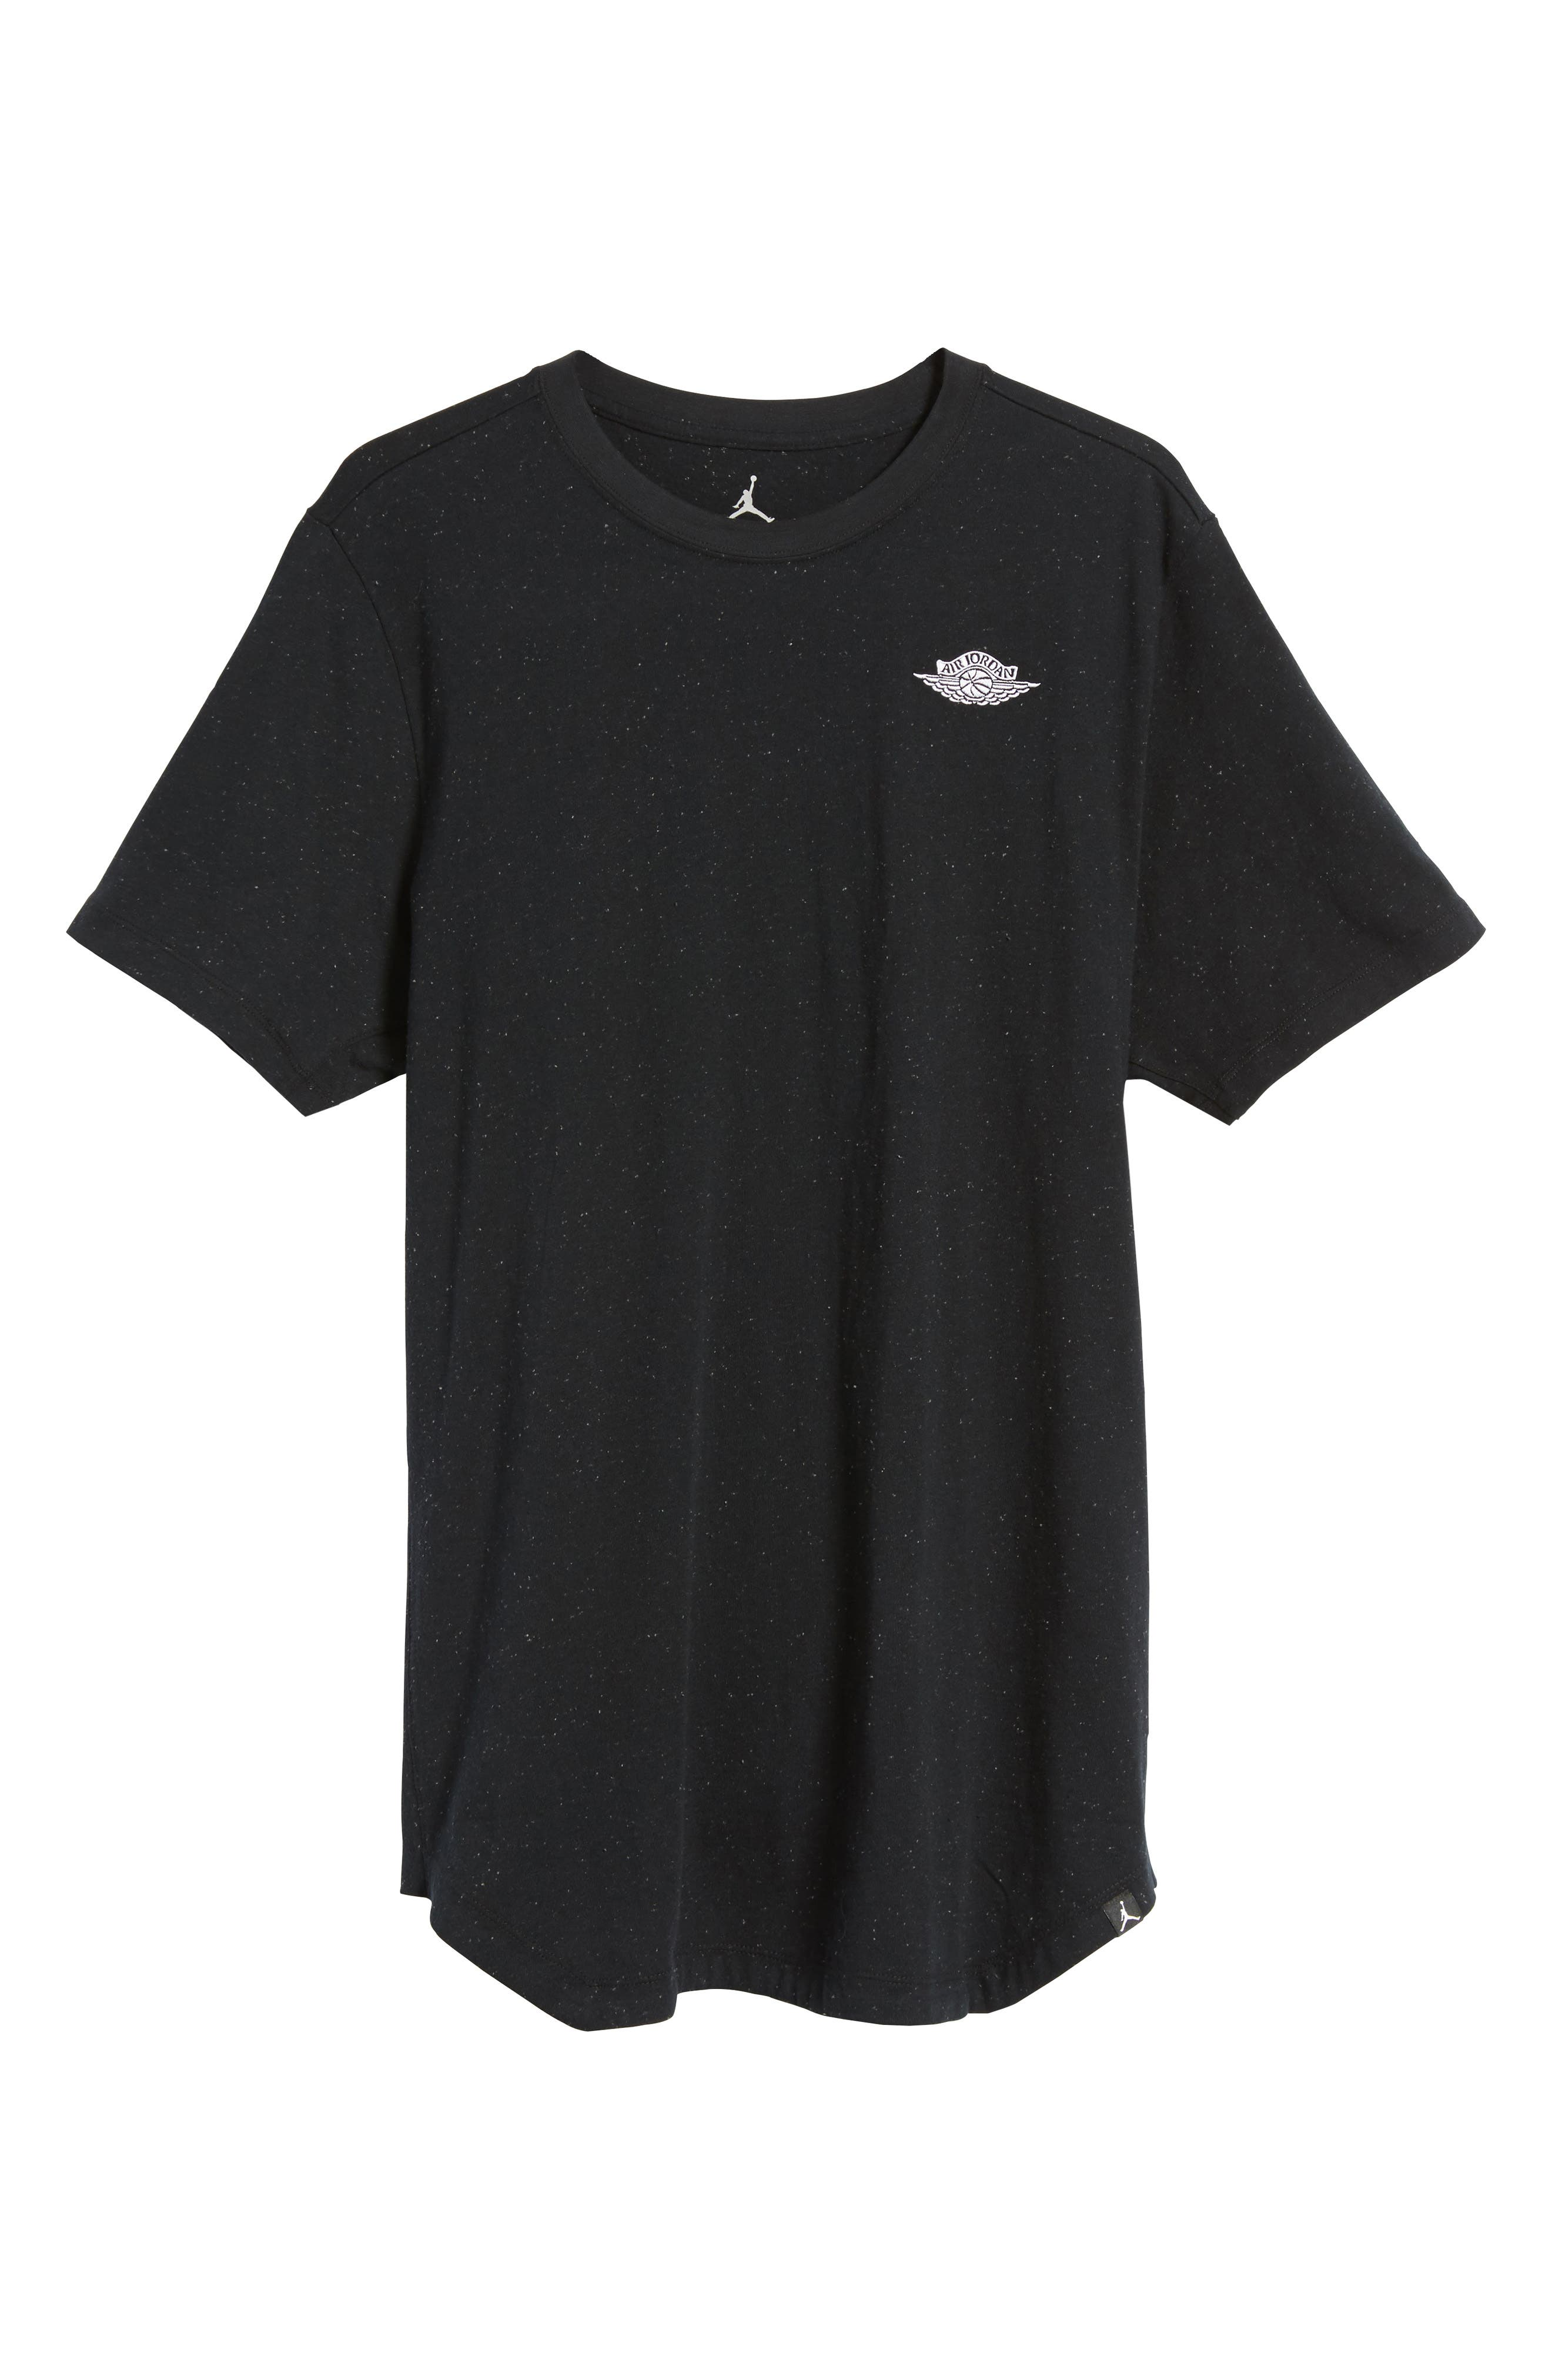 Future 2 T-Shirt,                             Alternate thumbnail 6, color,                             010